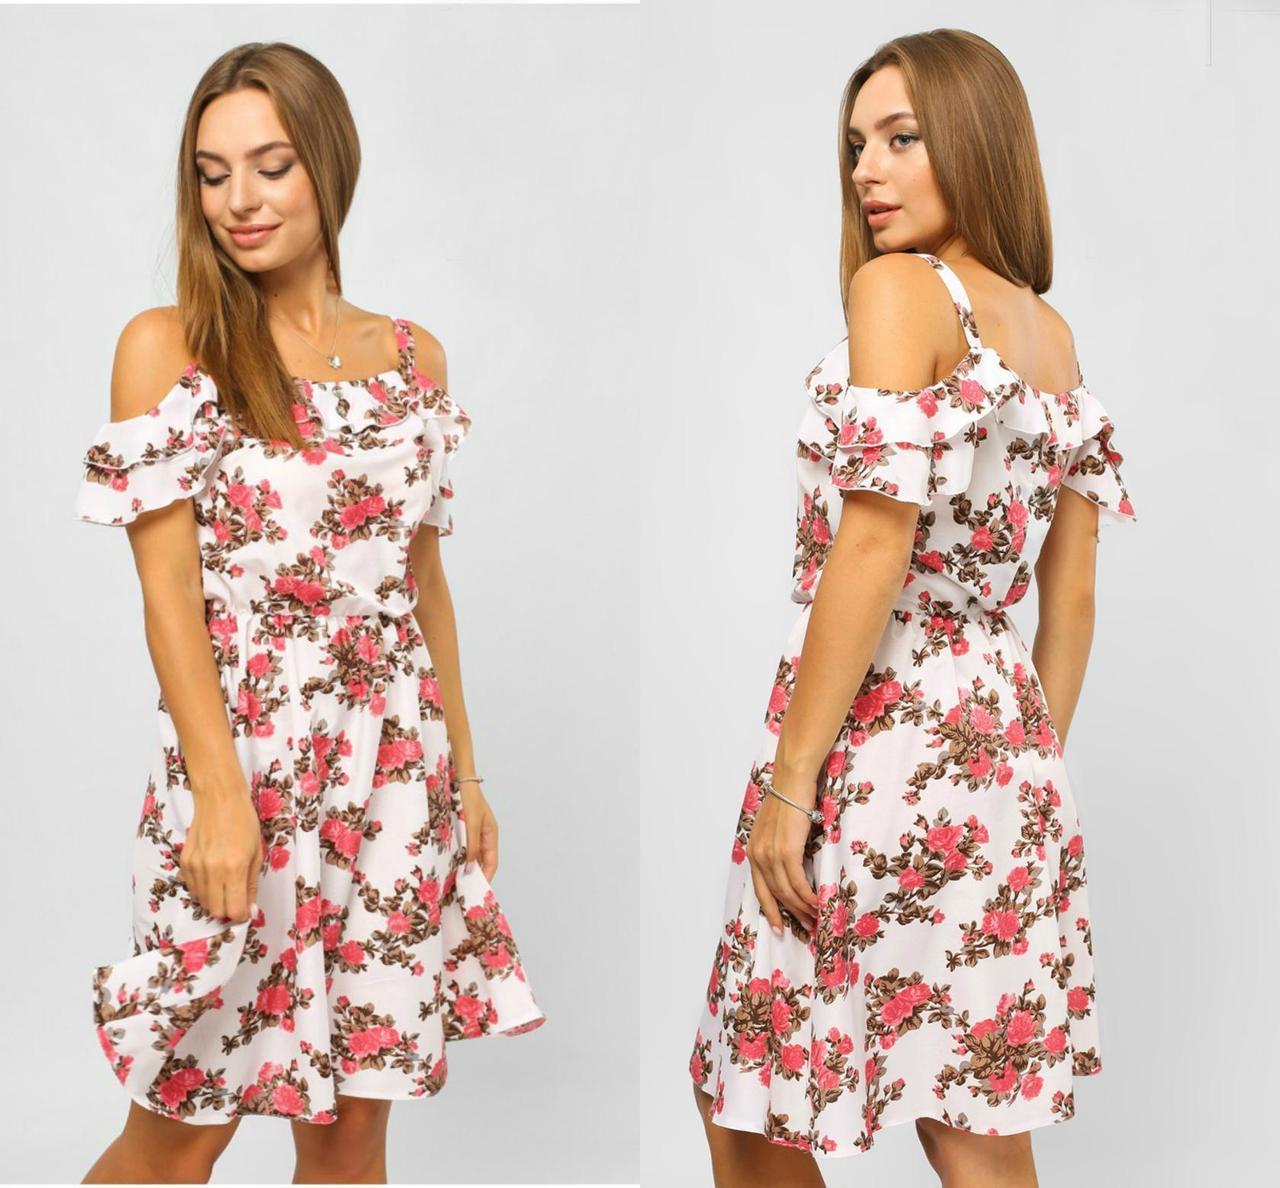 """Шикарное женское платье с открытыми плечиками """"Штапель"""" размер 42 норма"""